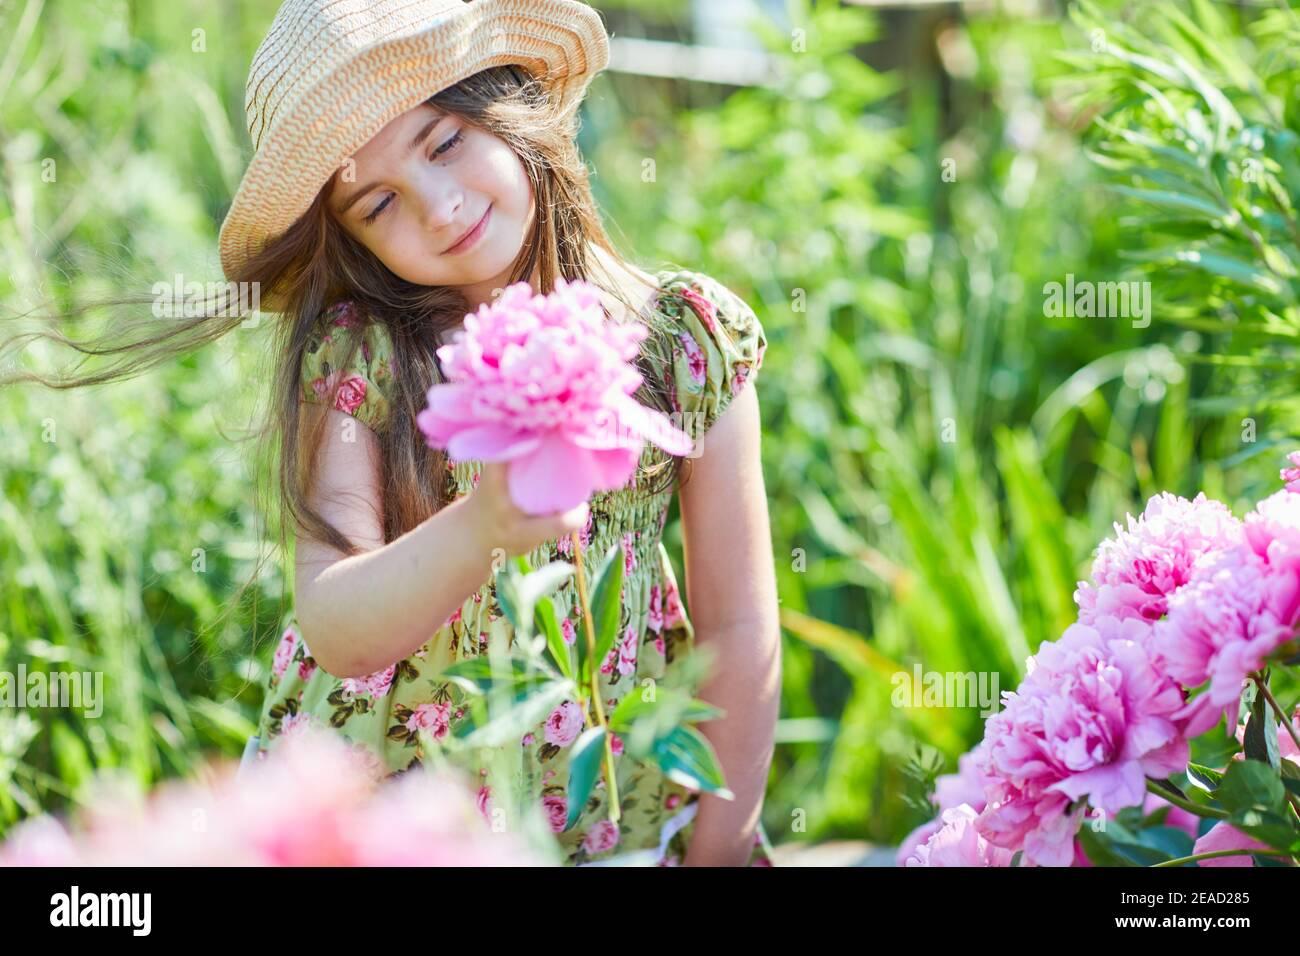 Bella bambina sta tenendo una pony rosa in una giornata di sole in giardino. Bella ragazza sta indossando un abito estivo con motivi alla moda e cappello di paglia Foto Stock